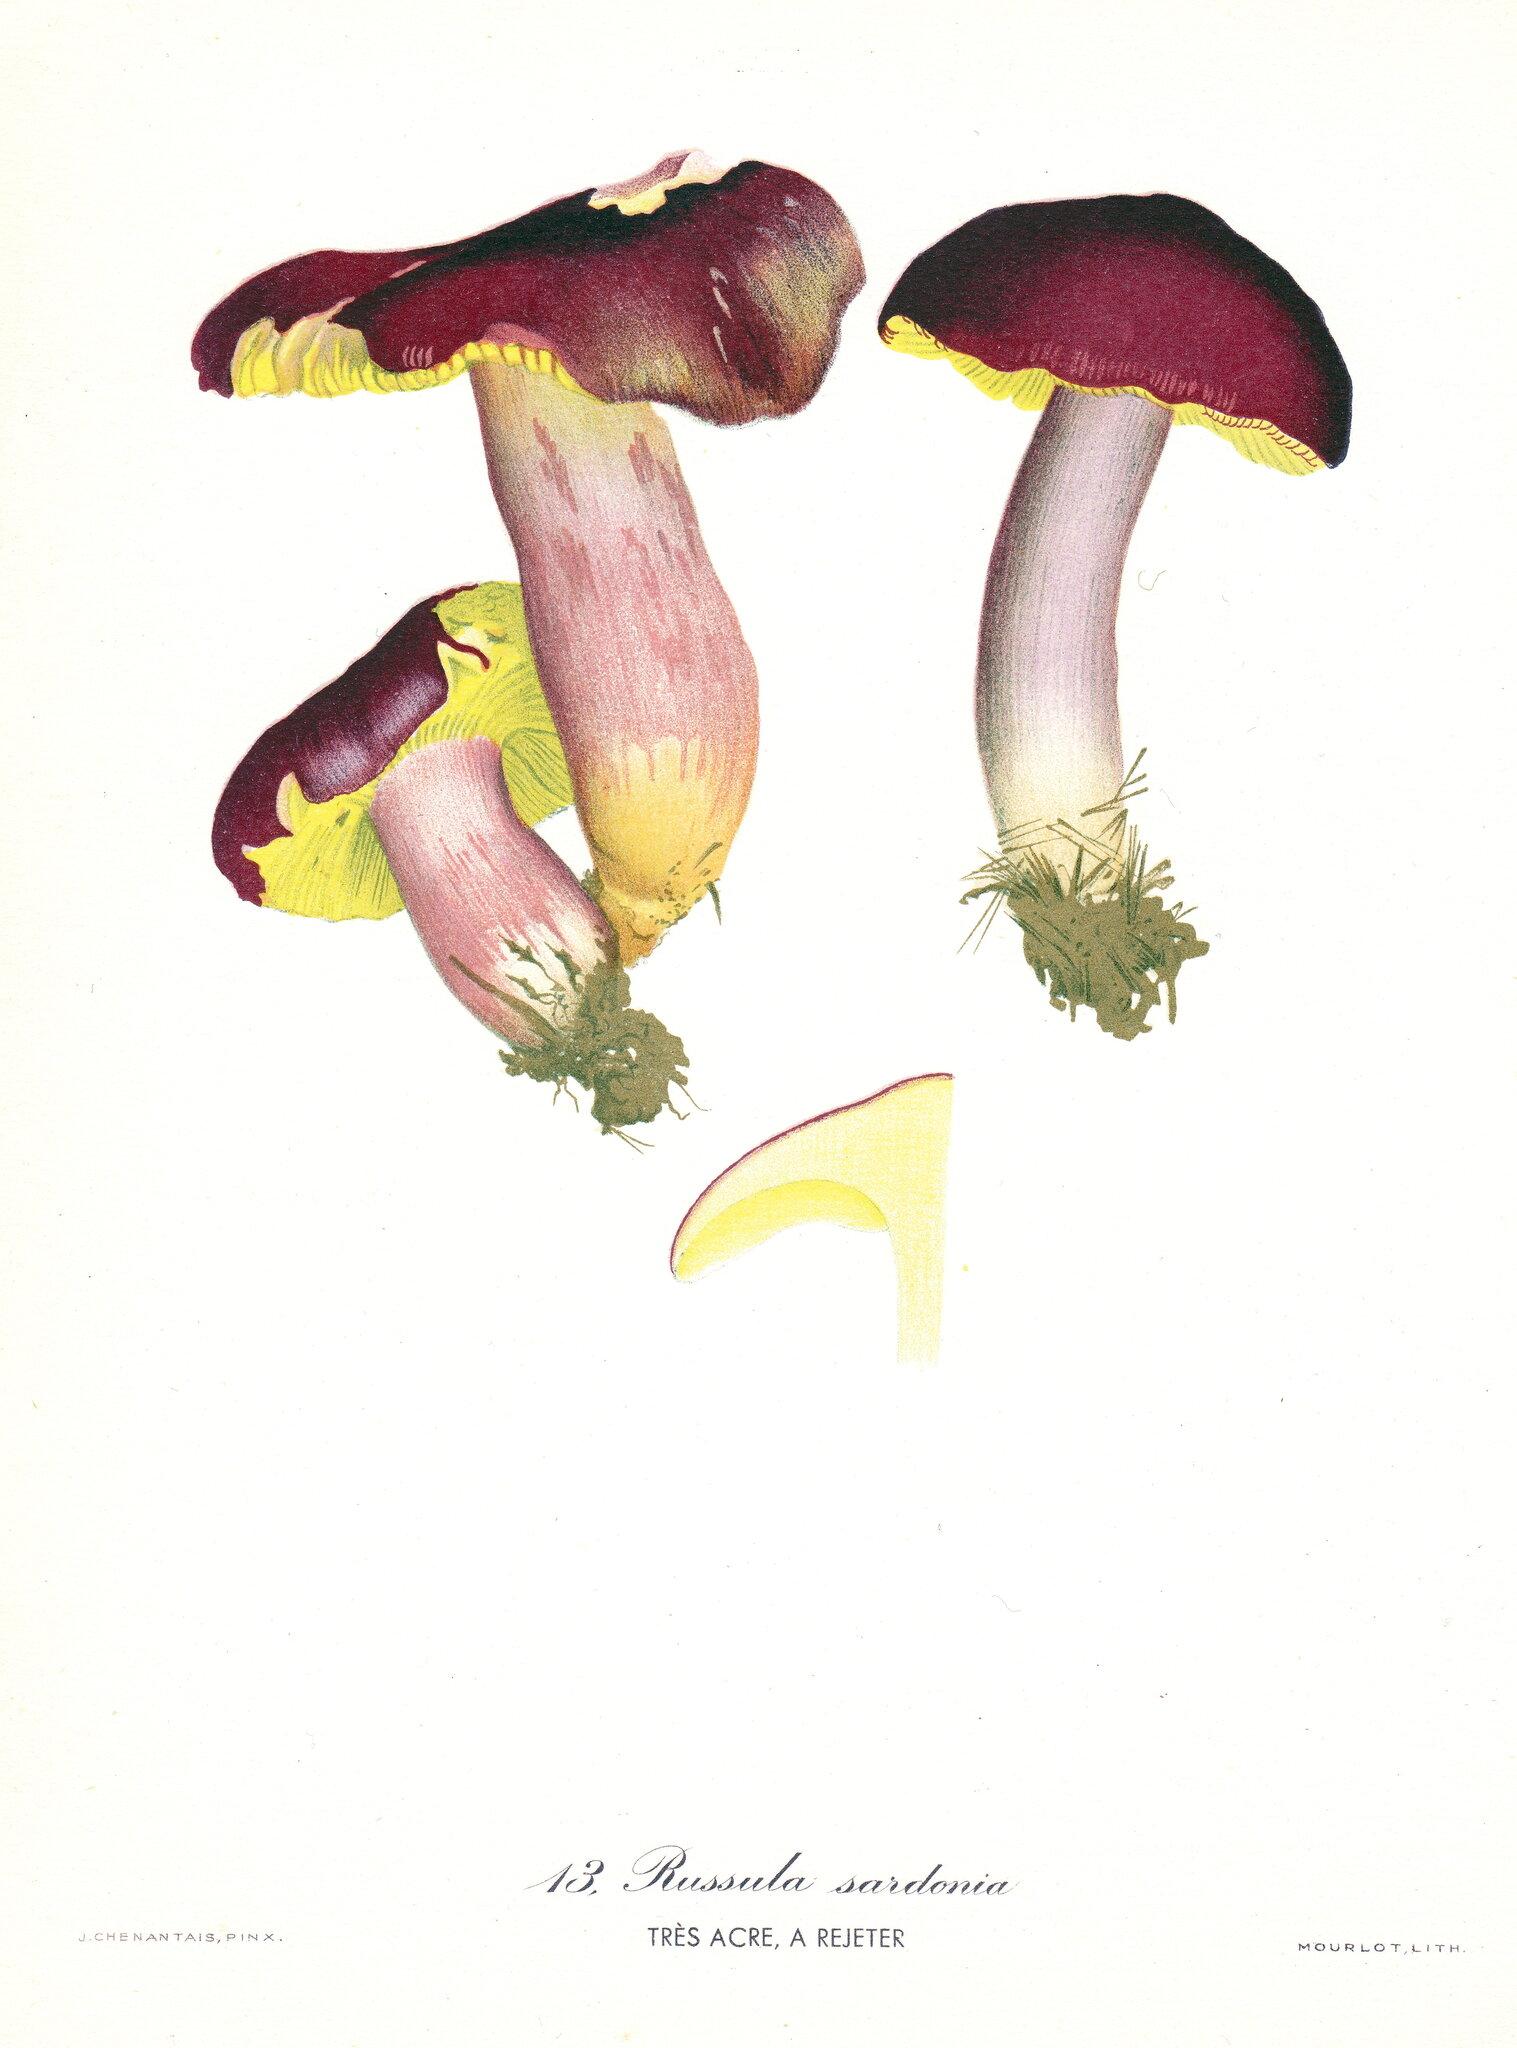 Russula sardonia Chenantais RNA pl. 13